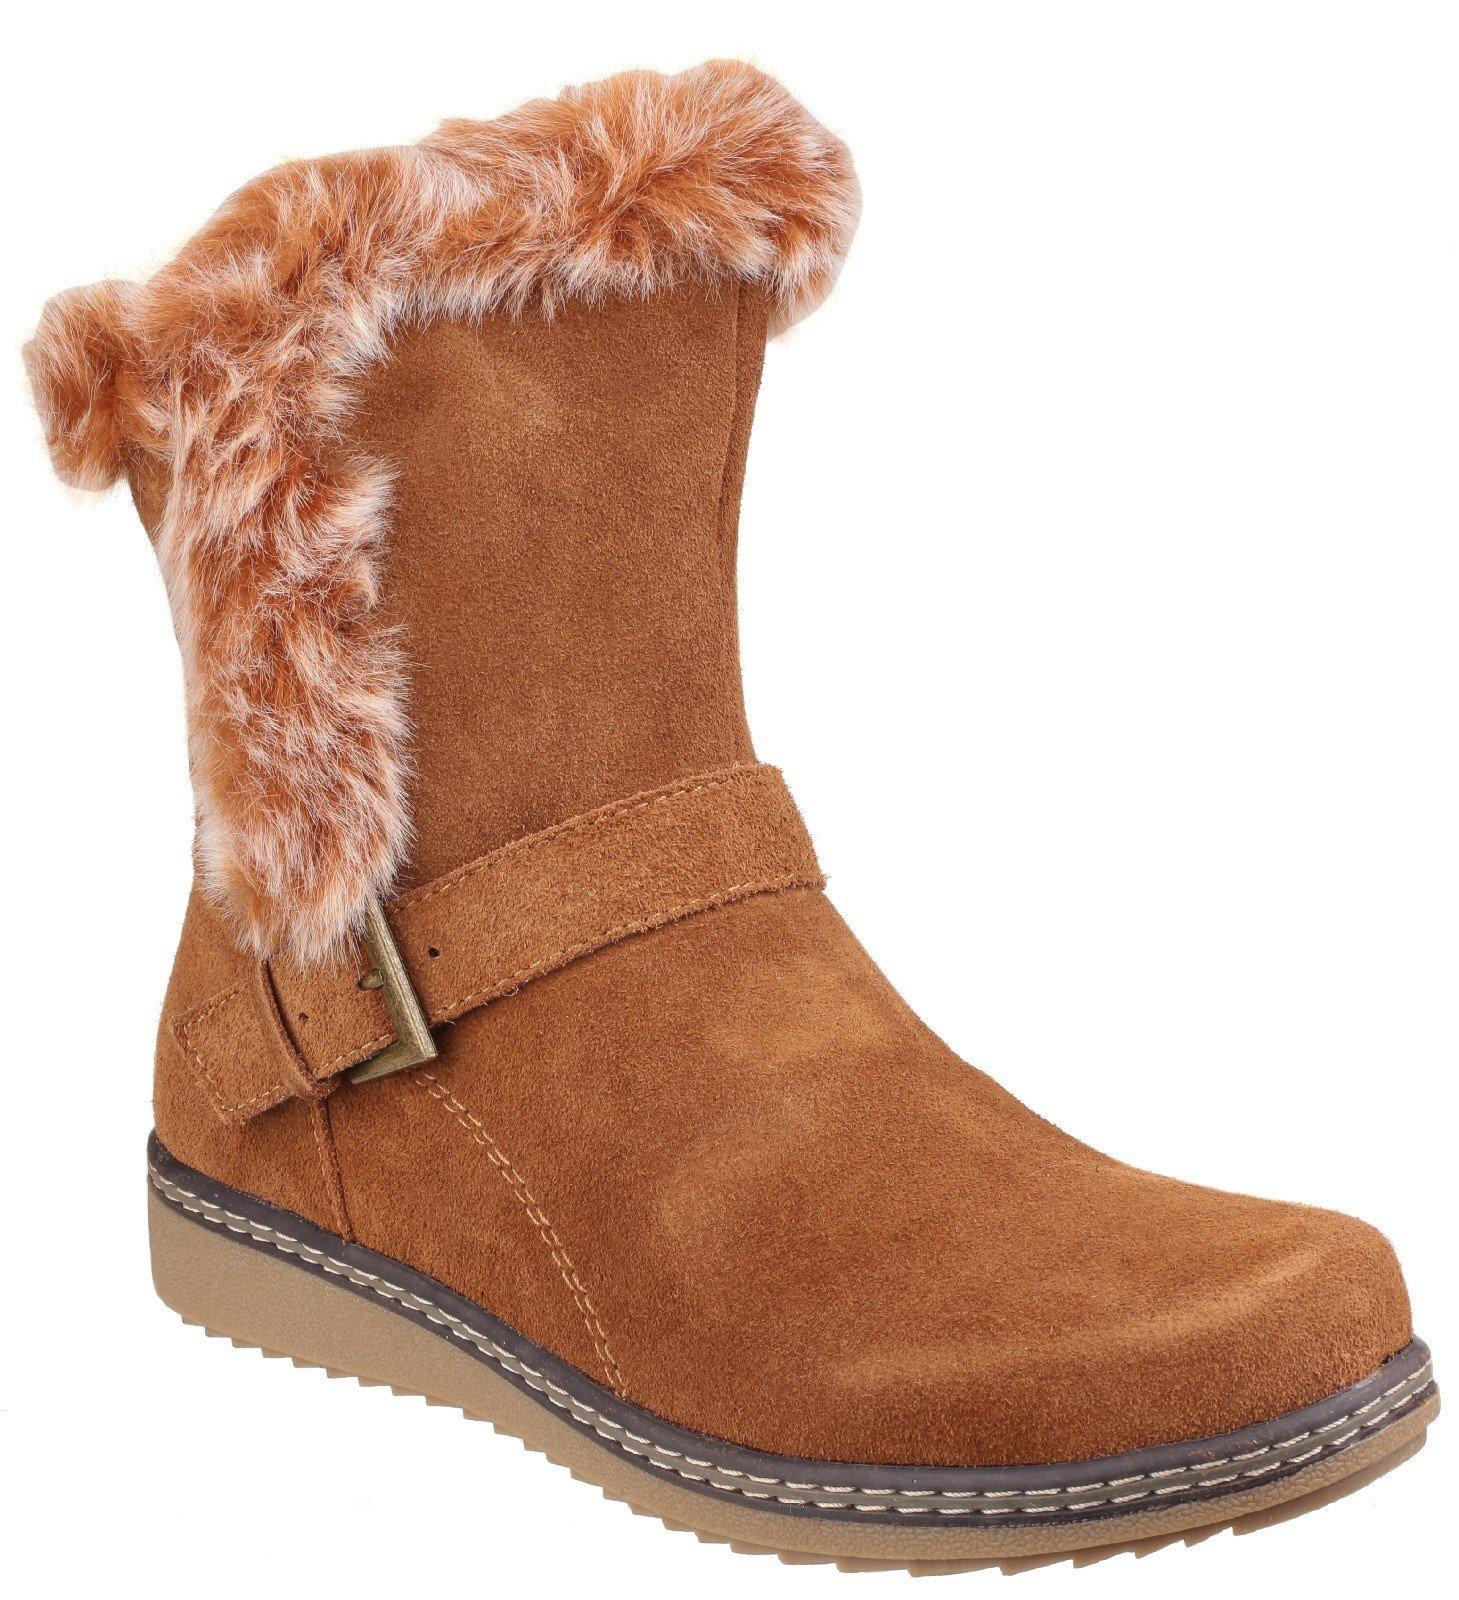 Fleet & Foster Women's Budapest Winter Boot Black 24249-39965 - Tan 3